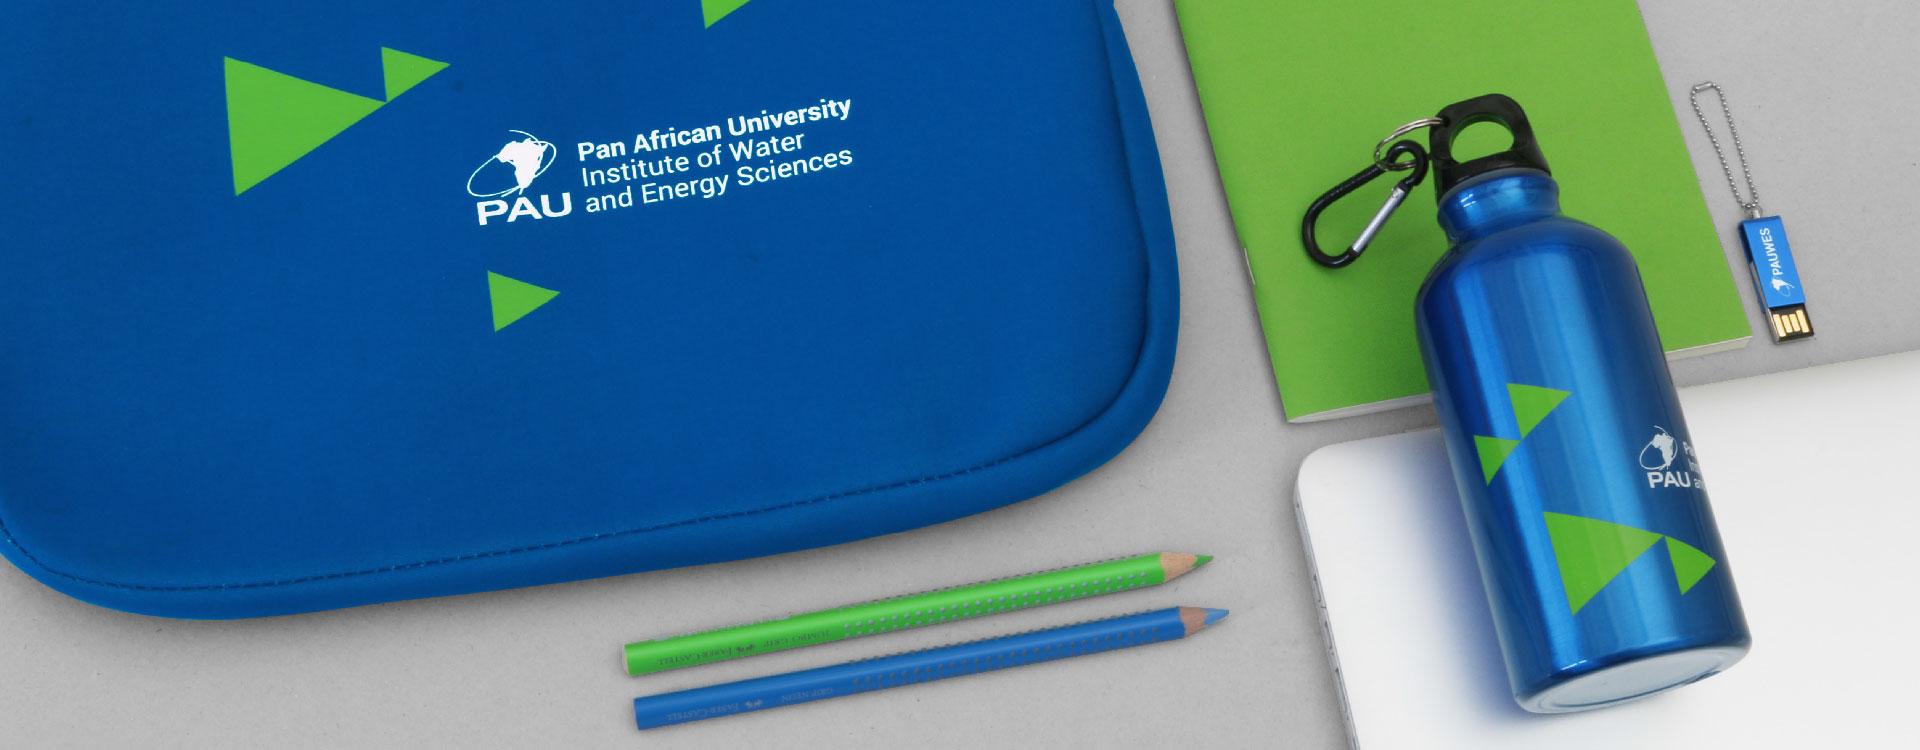 Werbemittel der Pan African University, Institute of Water and Energy Sciences PAUWES, Stadtplan Tlemcen; Design: Kattrin Richter | Büro für Grafikdesign